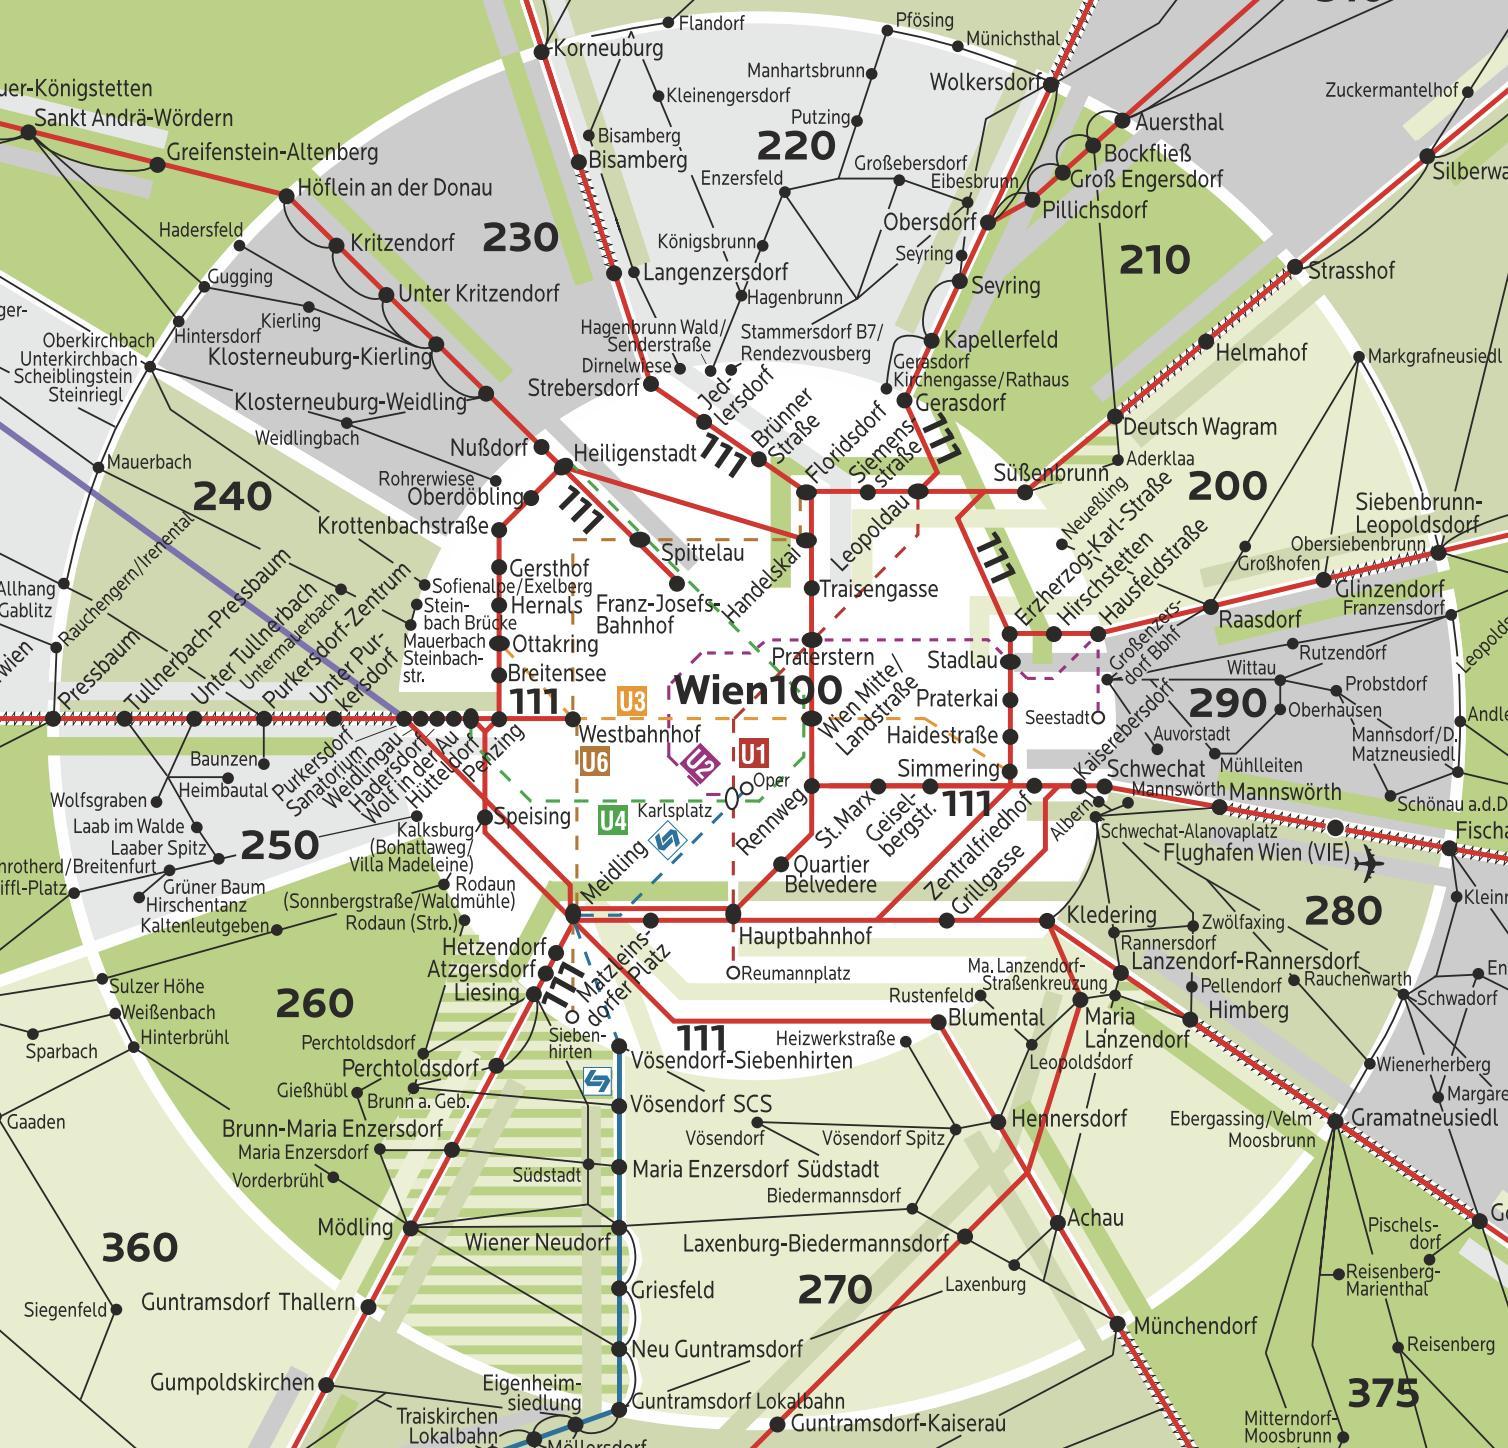 Vienna Zone 100 Map Wien Zone 100 Map Austria